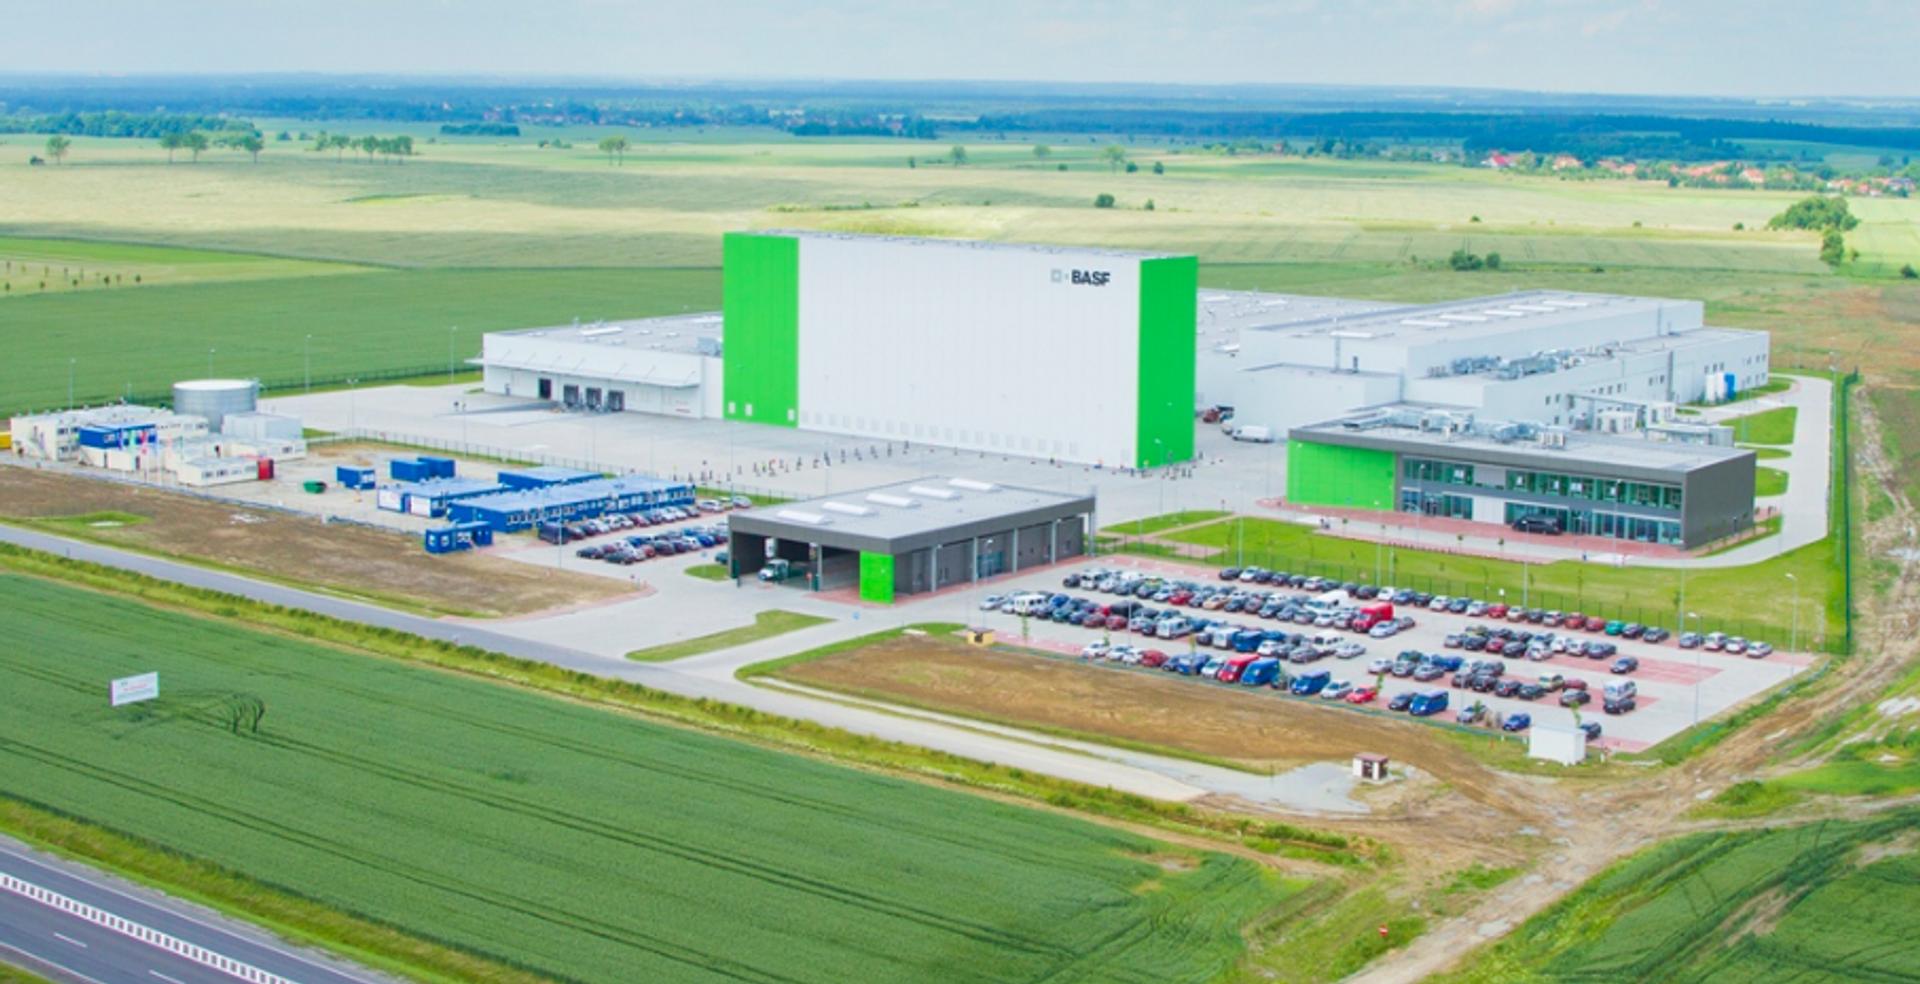 [Aglomeracja Wrocławska] Niemiecki BASF rozbuduje fabrykę katalizatorów samochodowych pod Środą Śląską